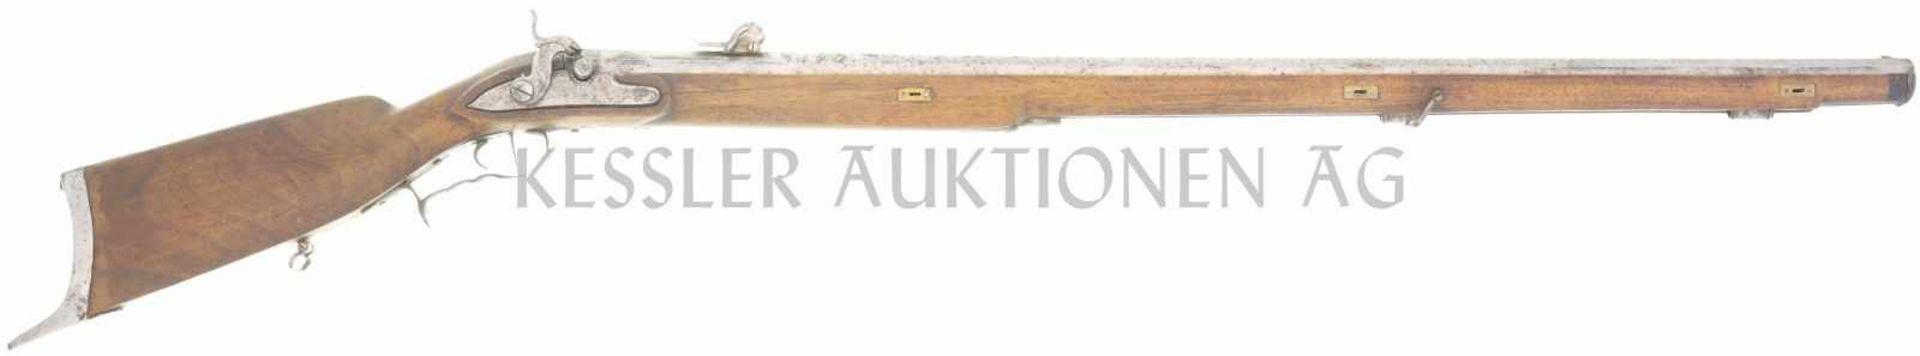 Perkussionsstutzer um 1840, Kaliber 16mm LL 910mm, TL 1300mm, gezogener Achtkantlauf, 18 Haarzüge.